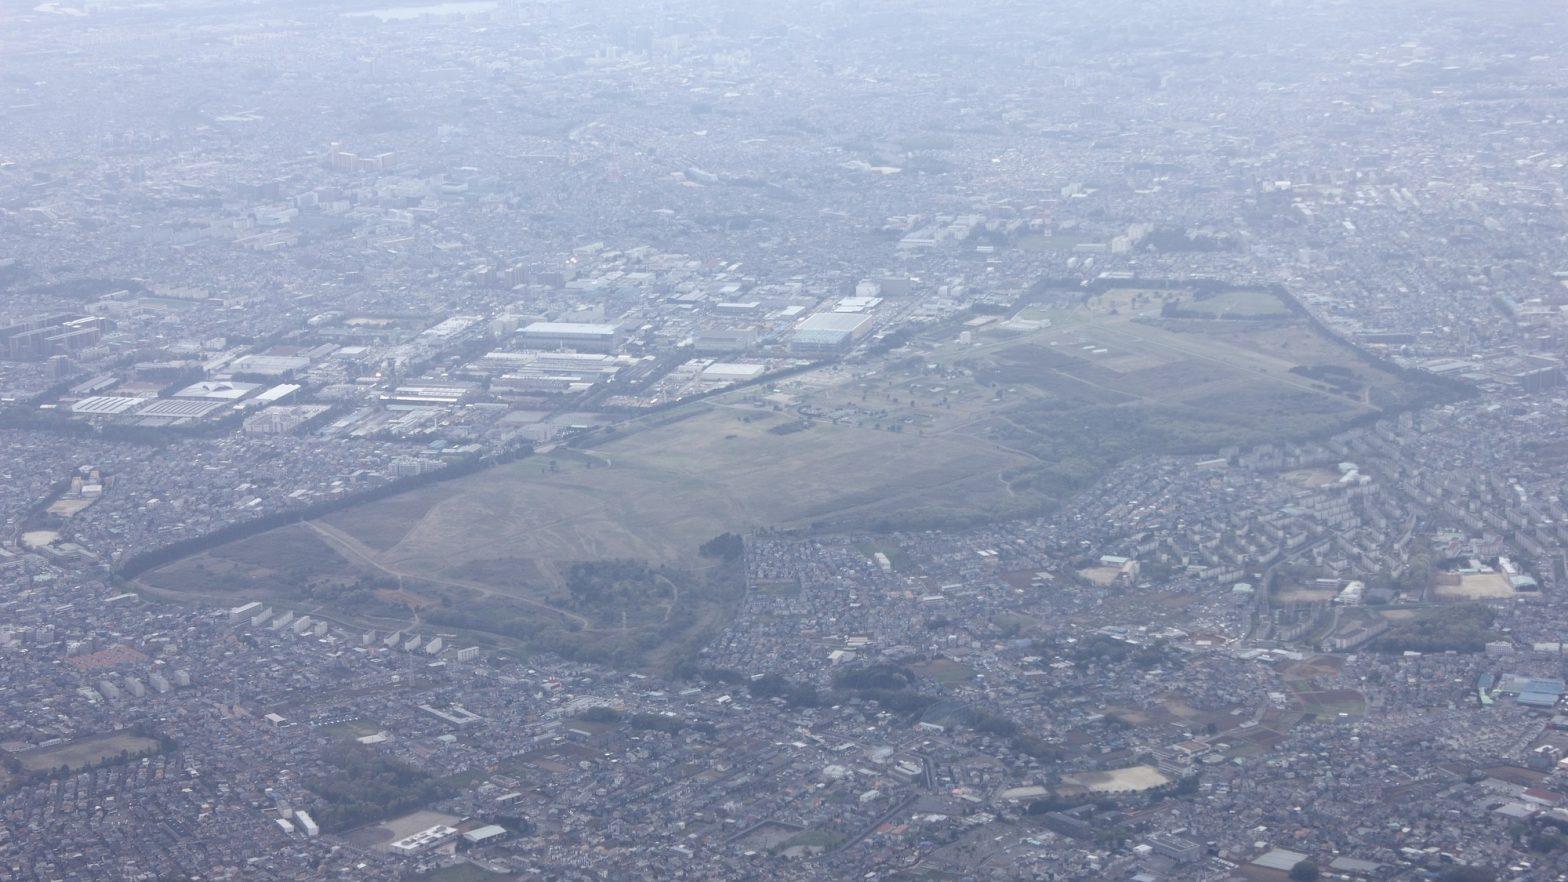 千葉県習志野市の陸上自衛隊習志野駐屯部隊演習場と周辺地域の空撮